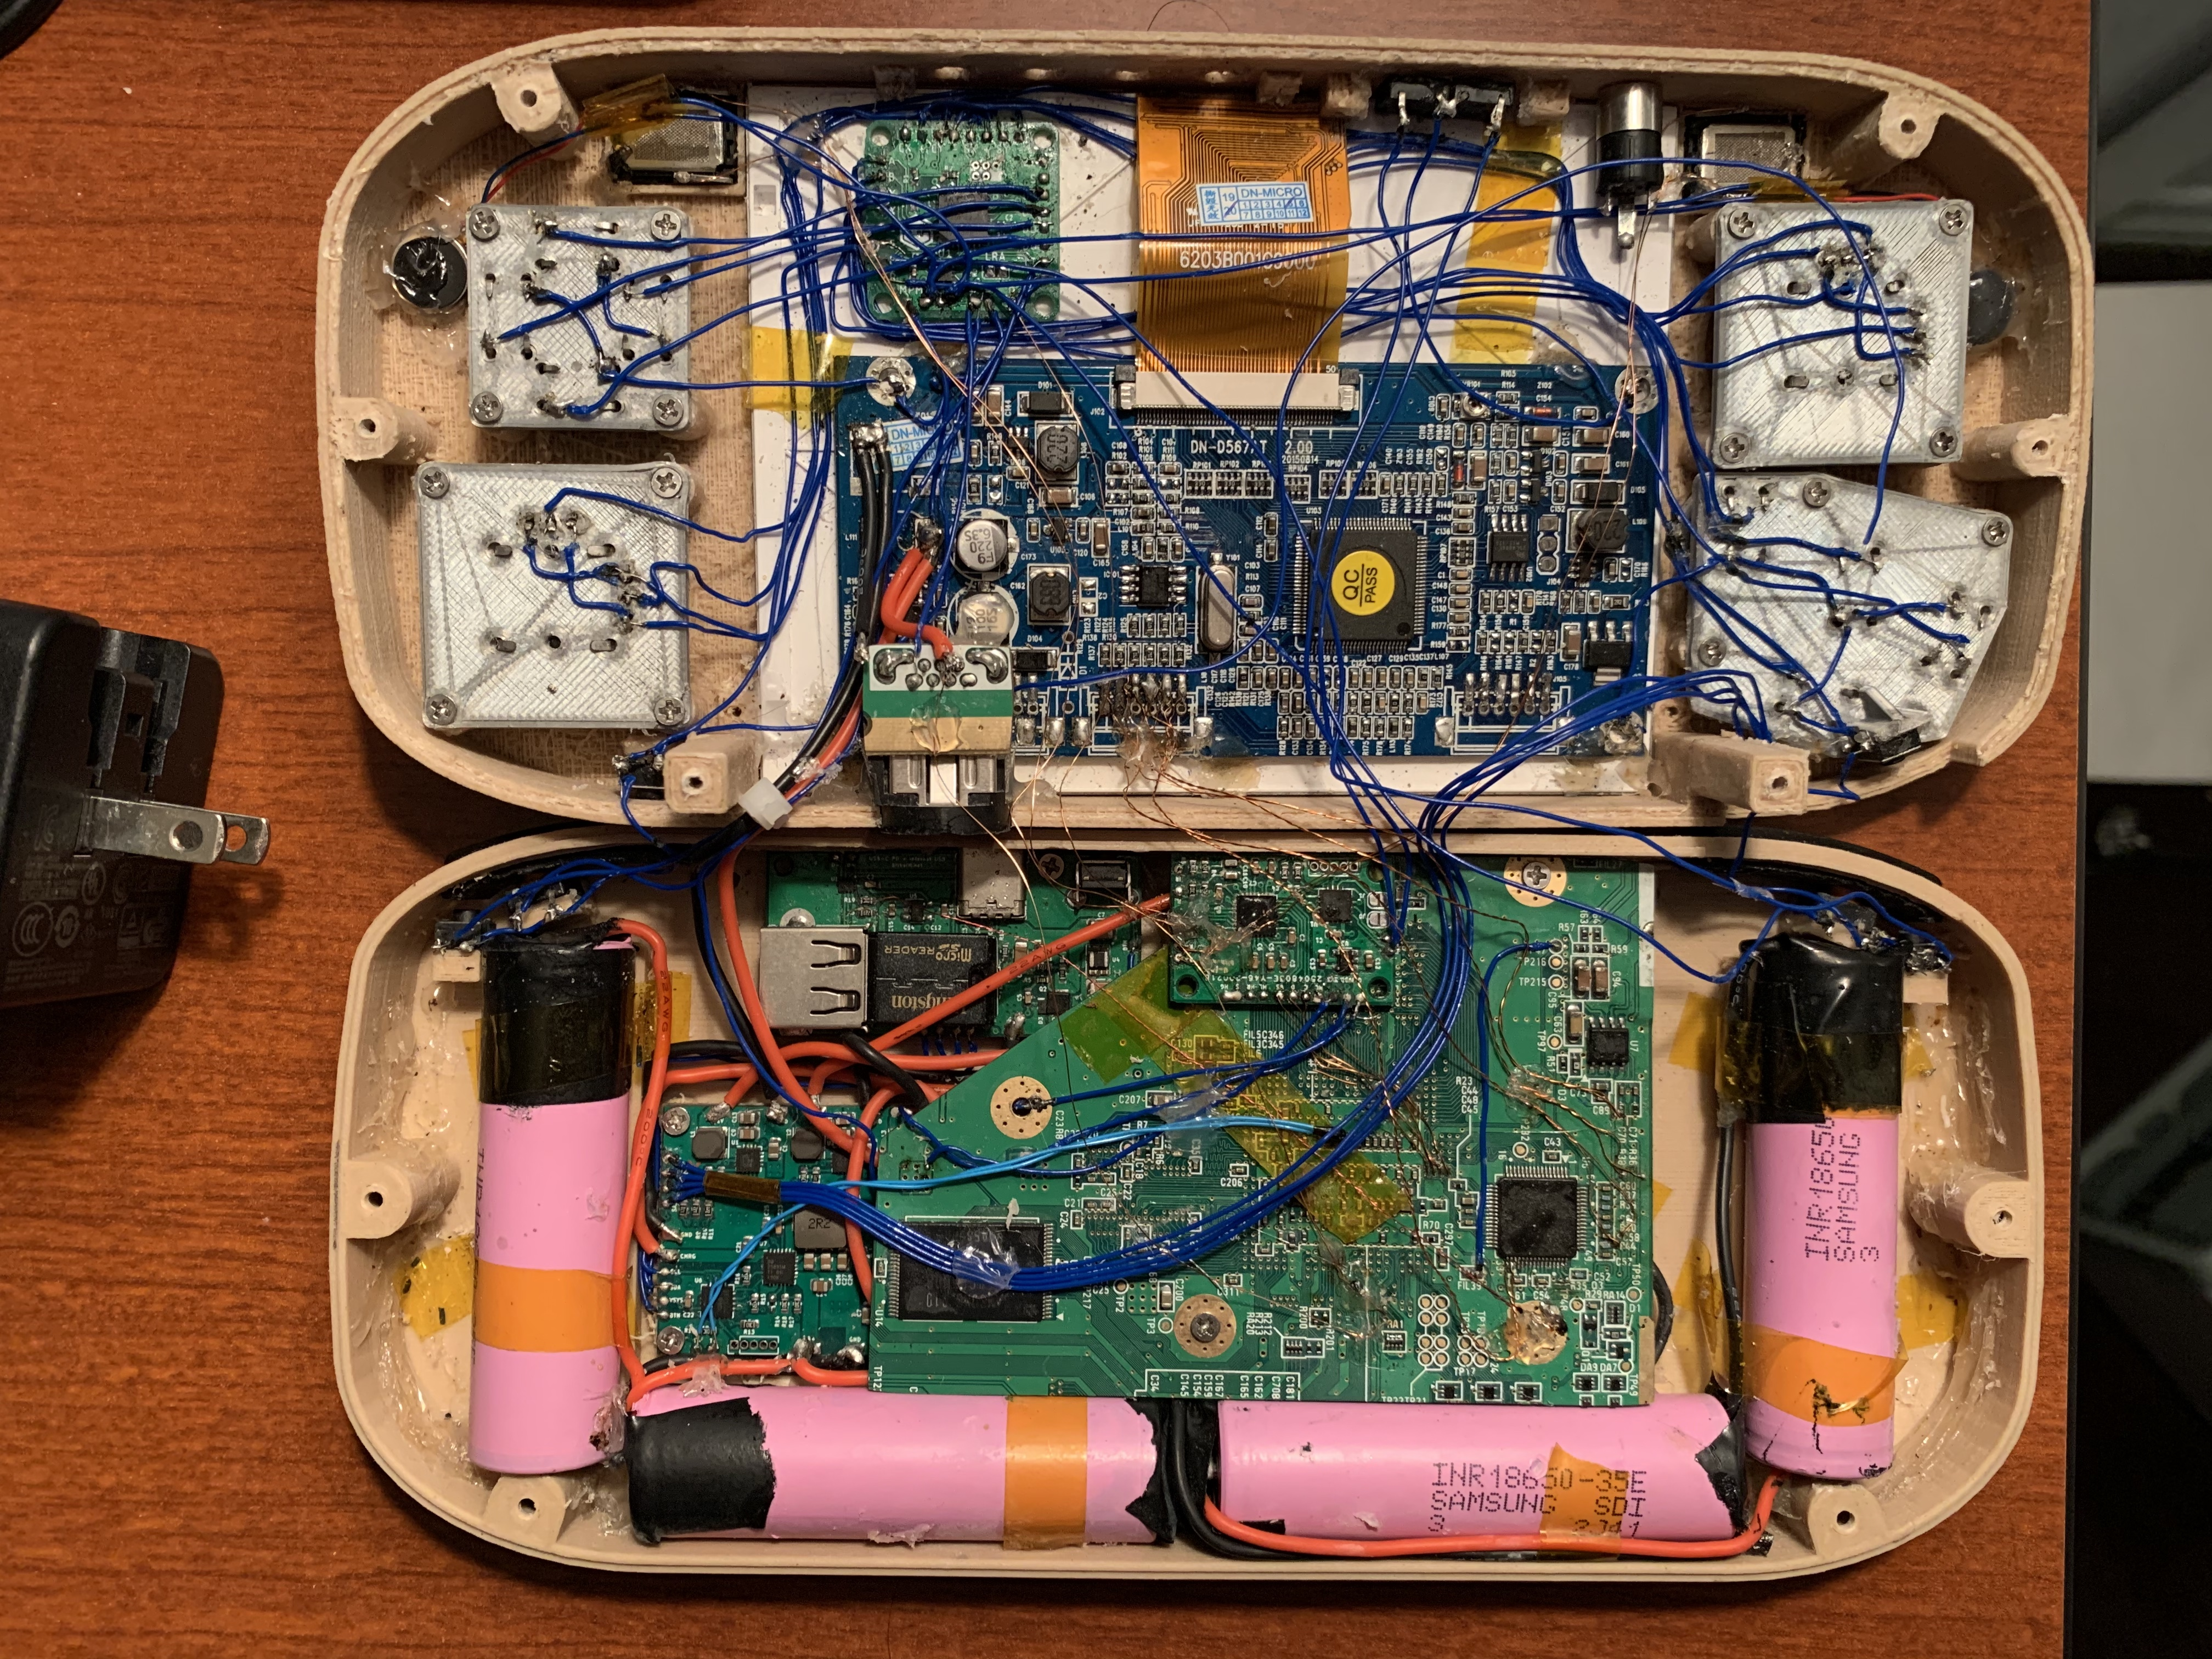 7D97B4D1-5DE0-466D-8AEA-F386A380FA3F.jpeg